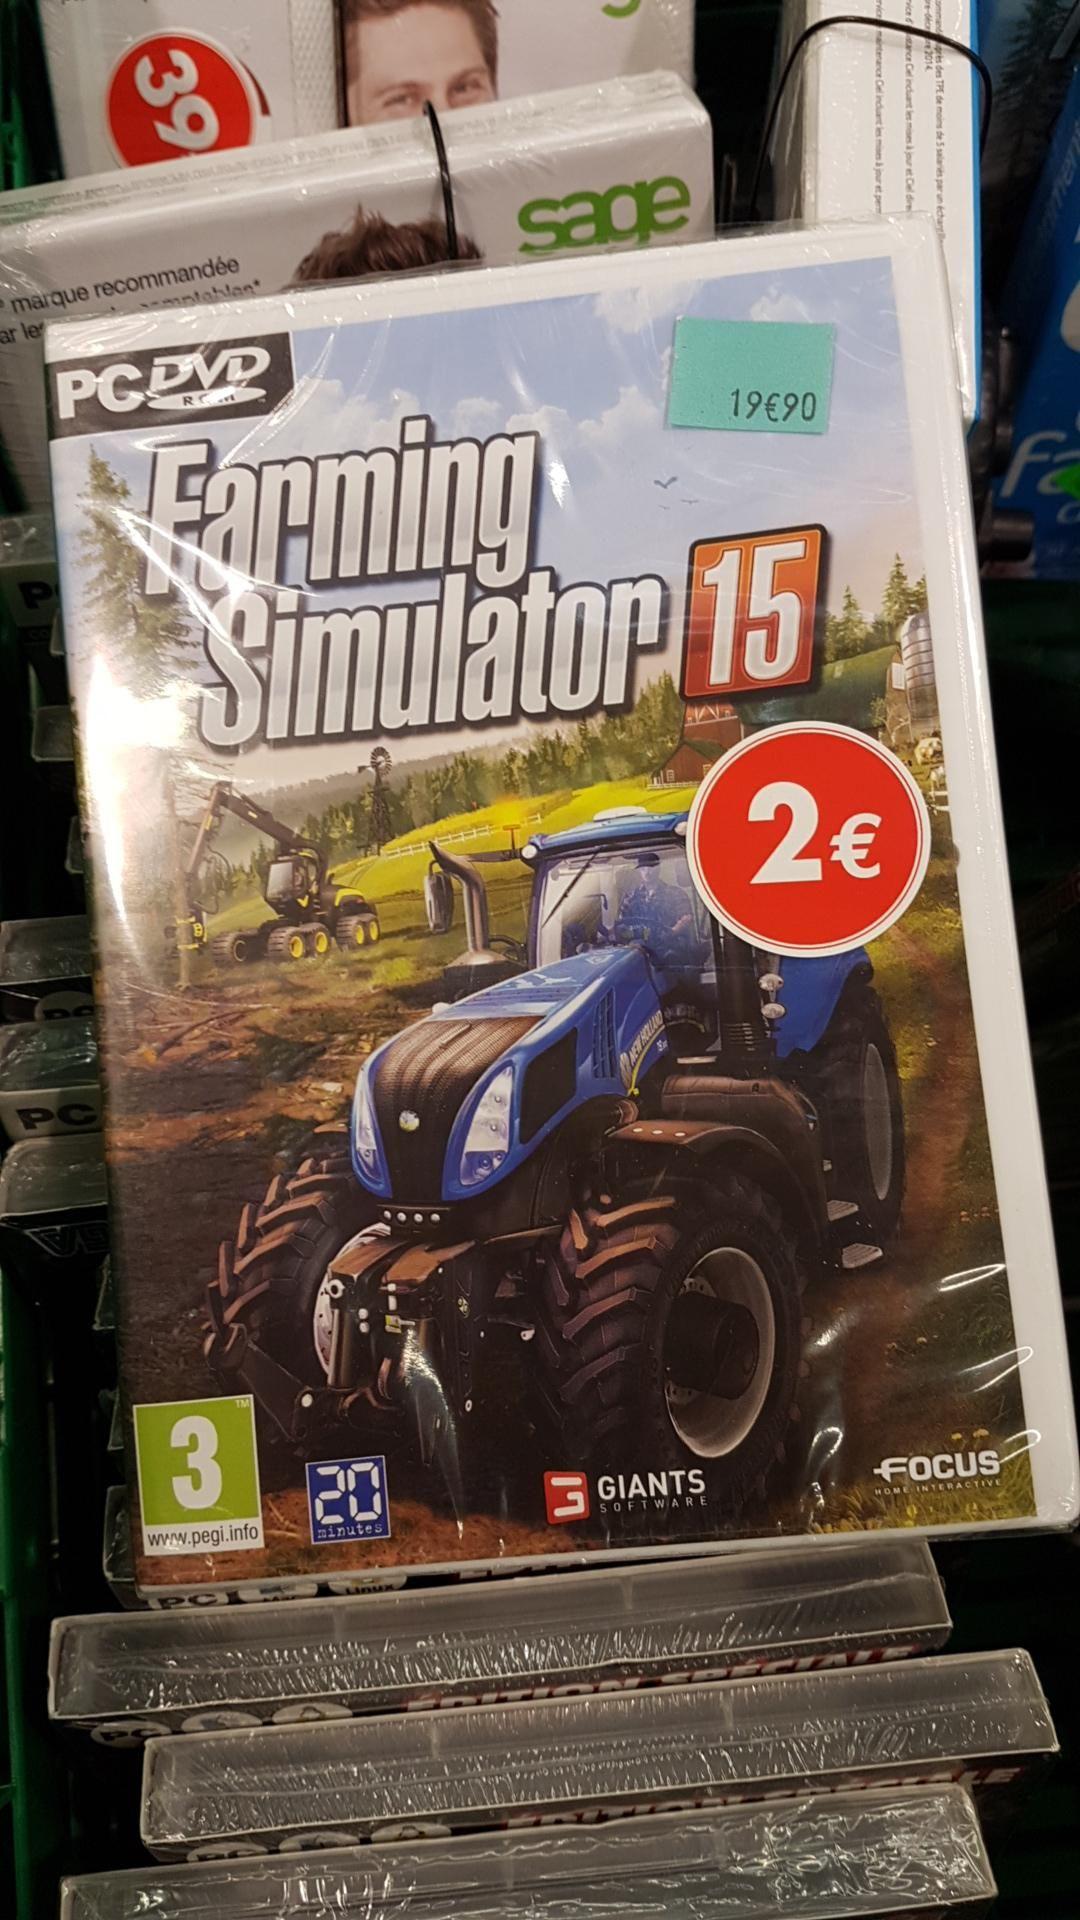 Jeu Farming Simulator 15 sur PC à Carrefour Lormont (33)